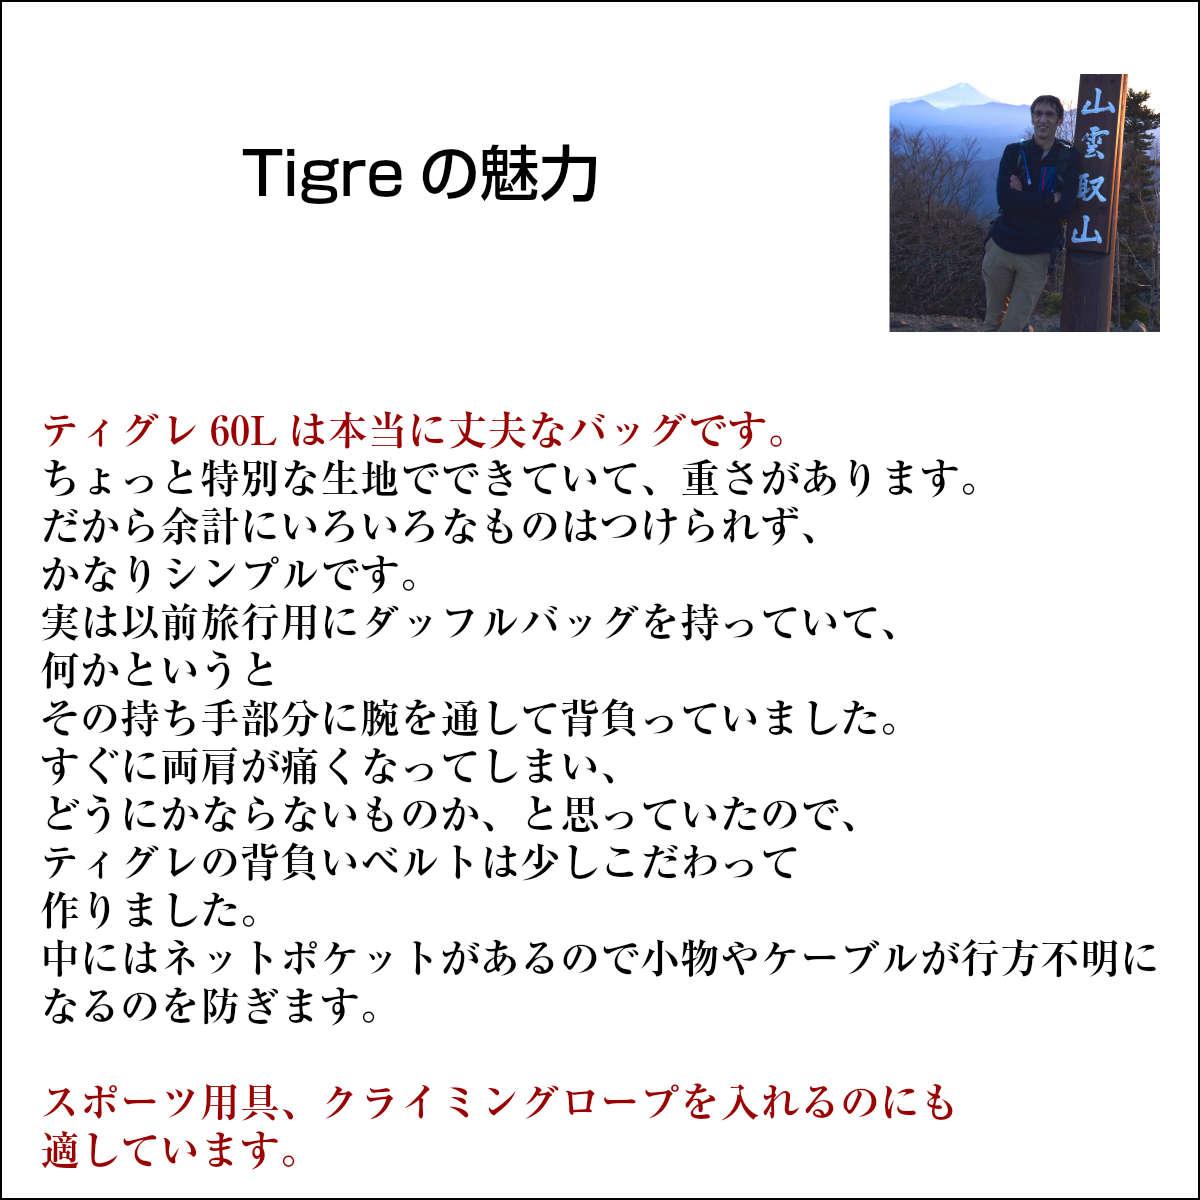 【セット】 Tigre(ティグレ)60Lと選べる小さいリュックのセット 送料無料